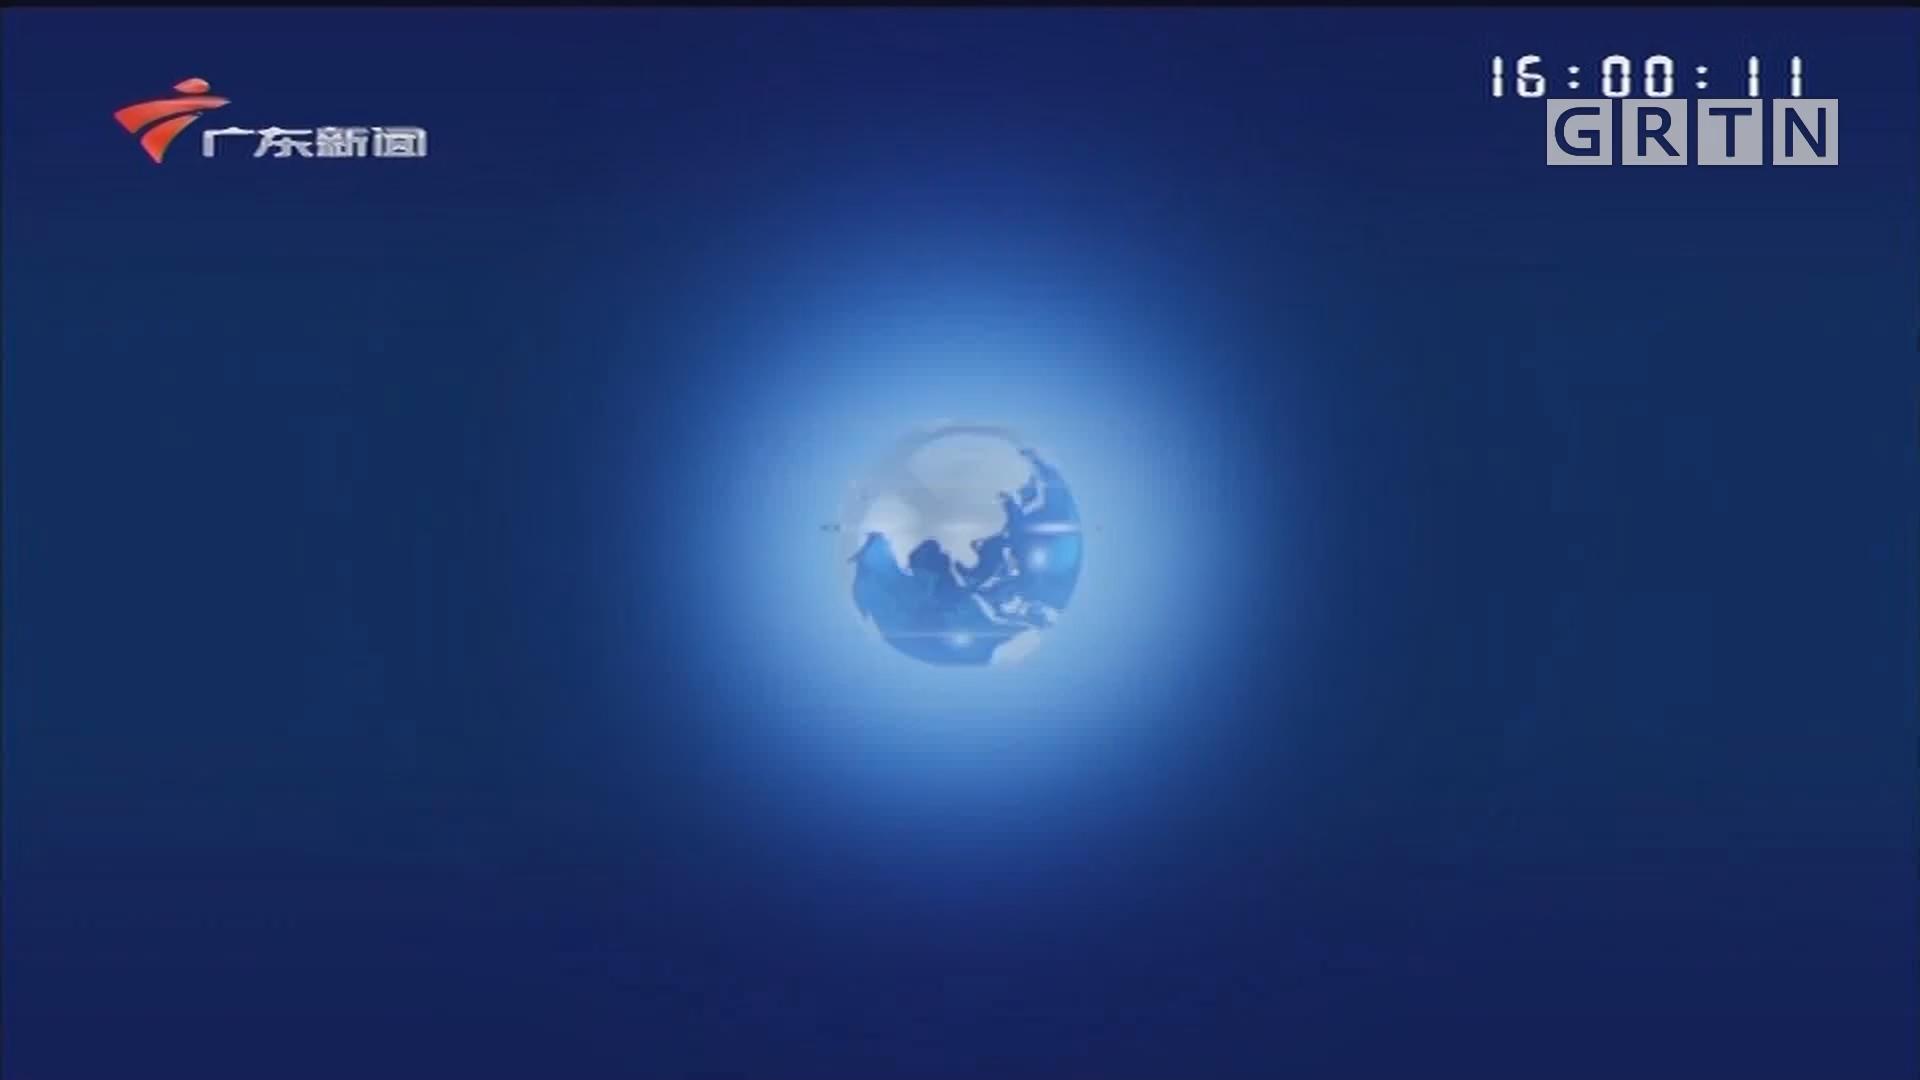 [HD][2020-06-04-16:00]正点播报:国内首个海上国际LNG加注中心落户深圳